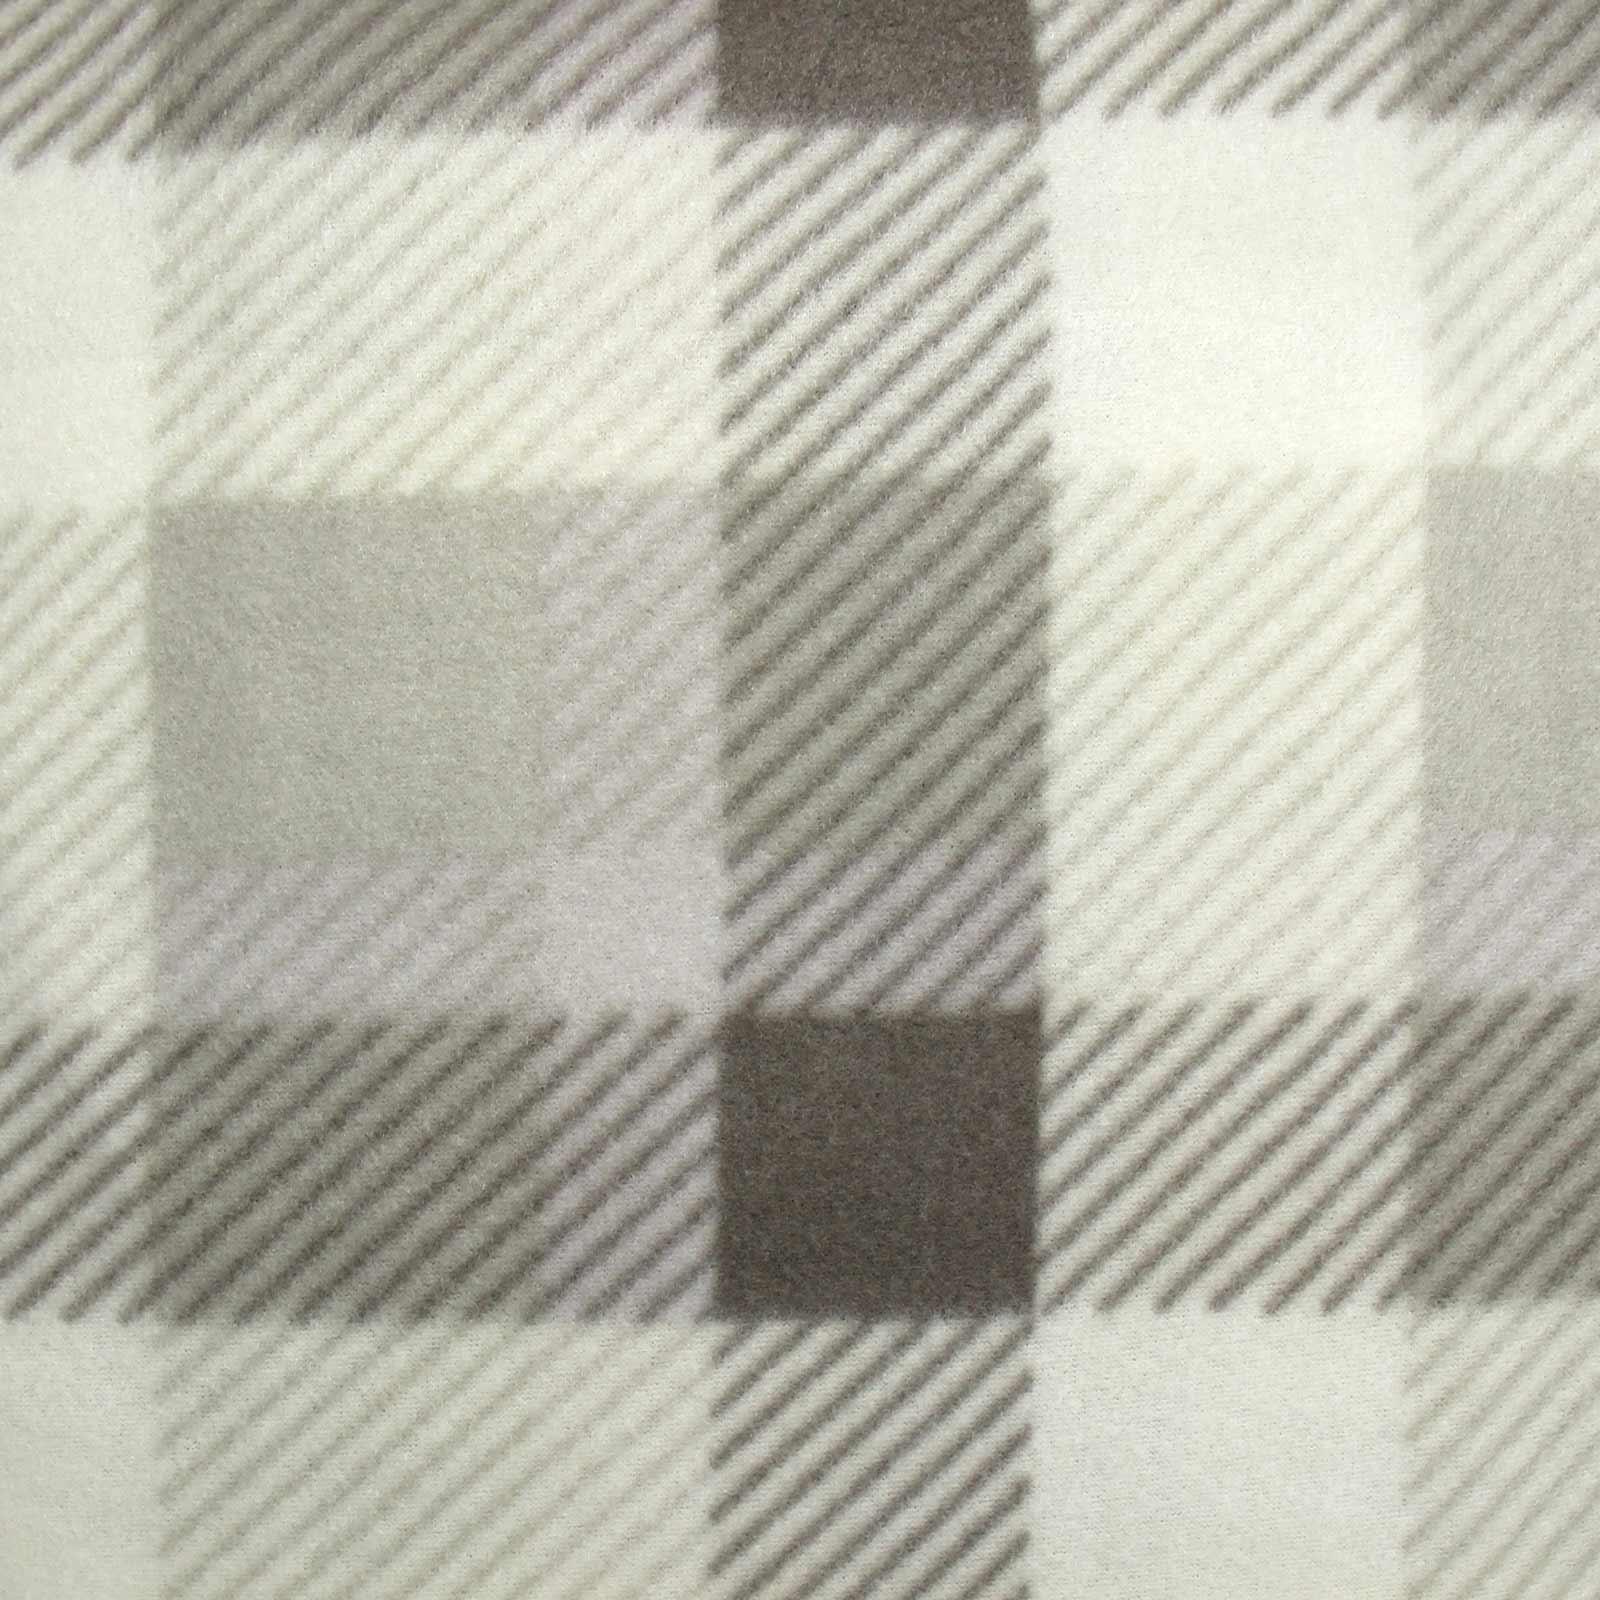 Sofa-de-verificacion-de-tartan-polar-mantas-polar-silla-acogedor-lanza-Manta-127cm-X-152cm miniatura 25